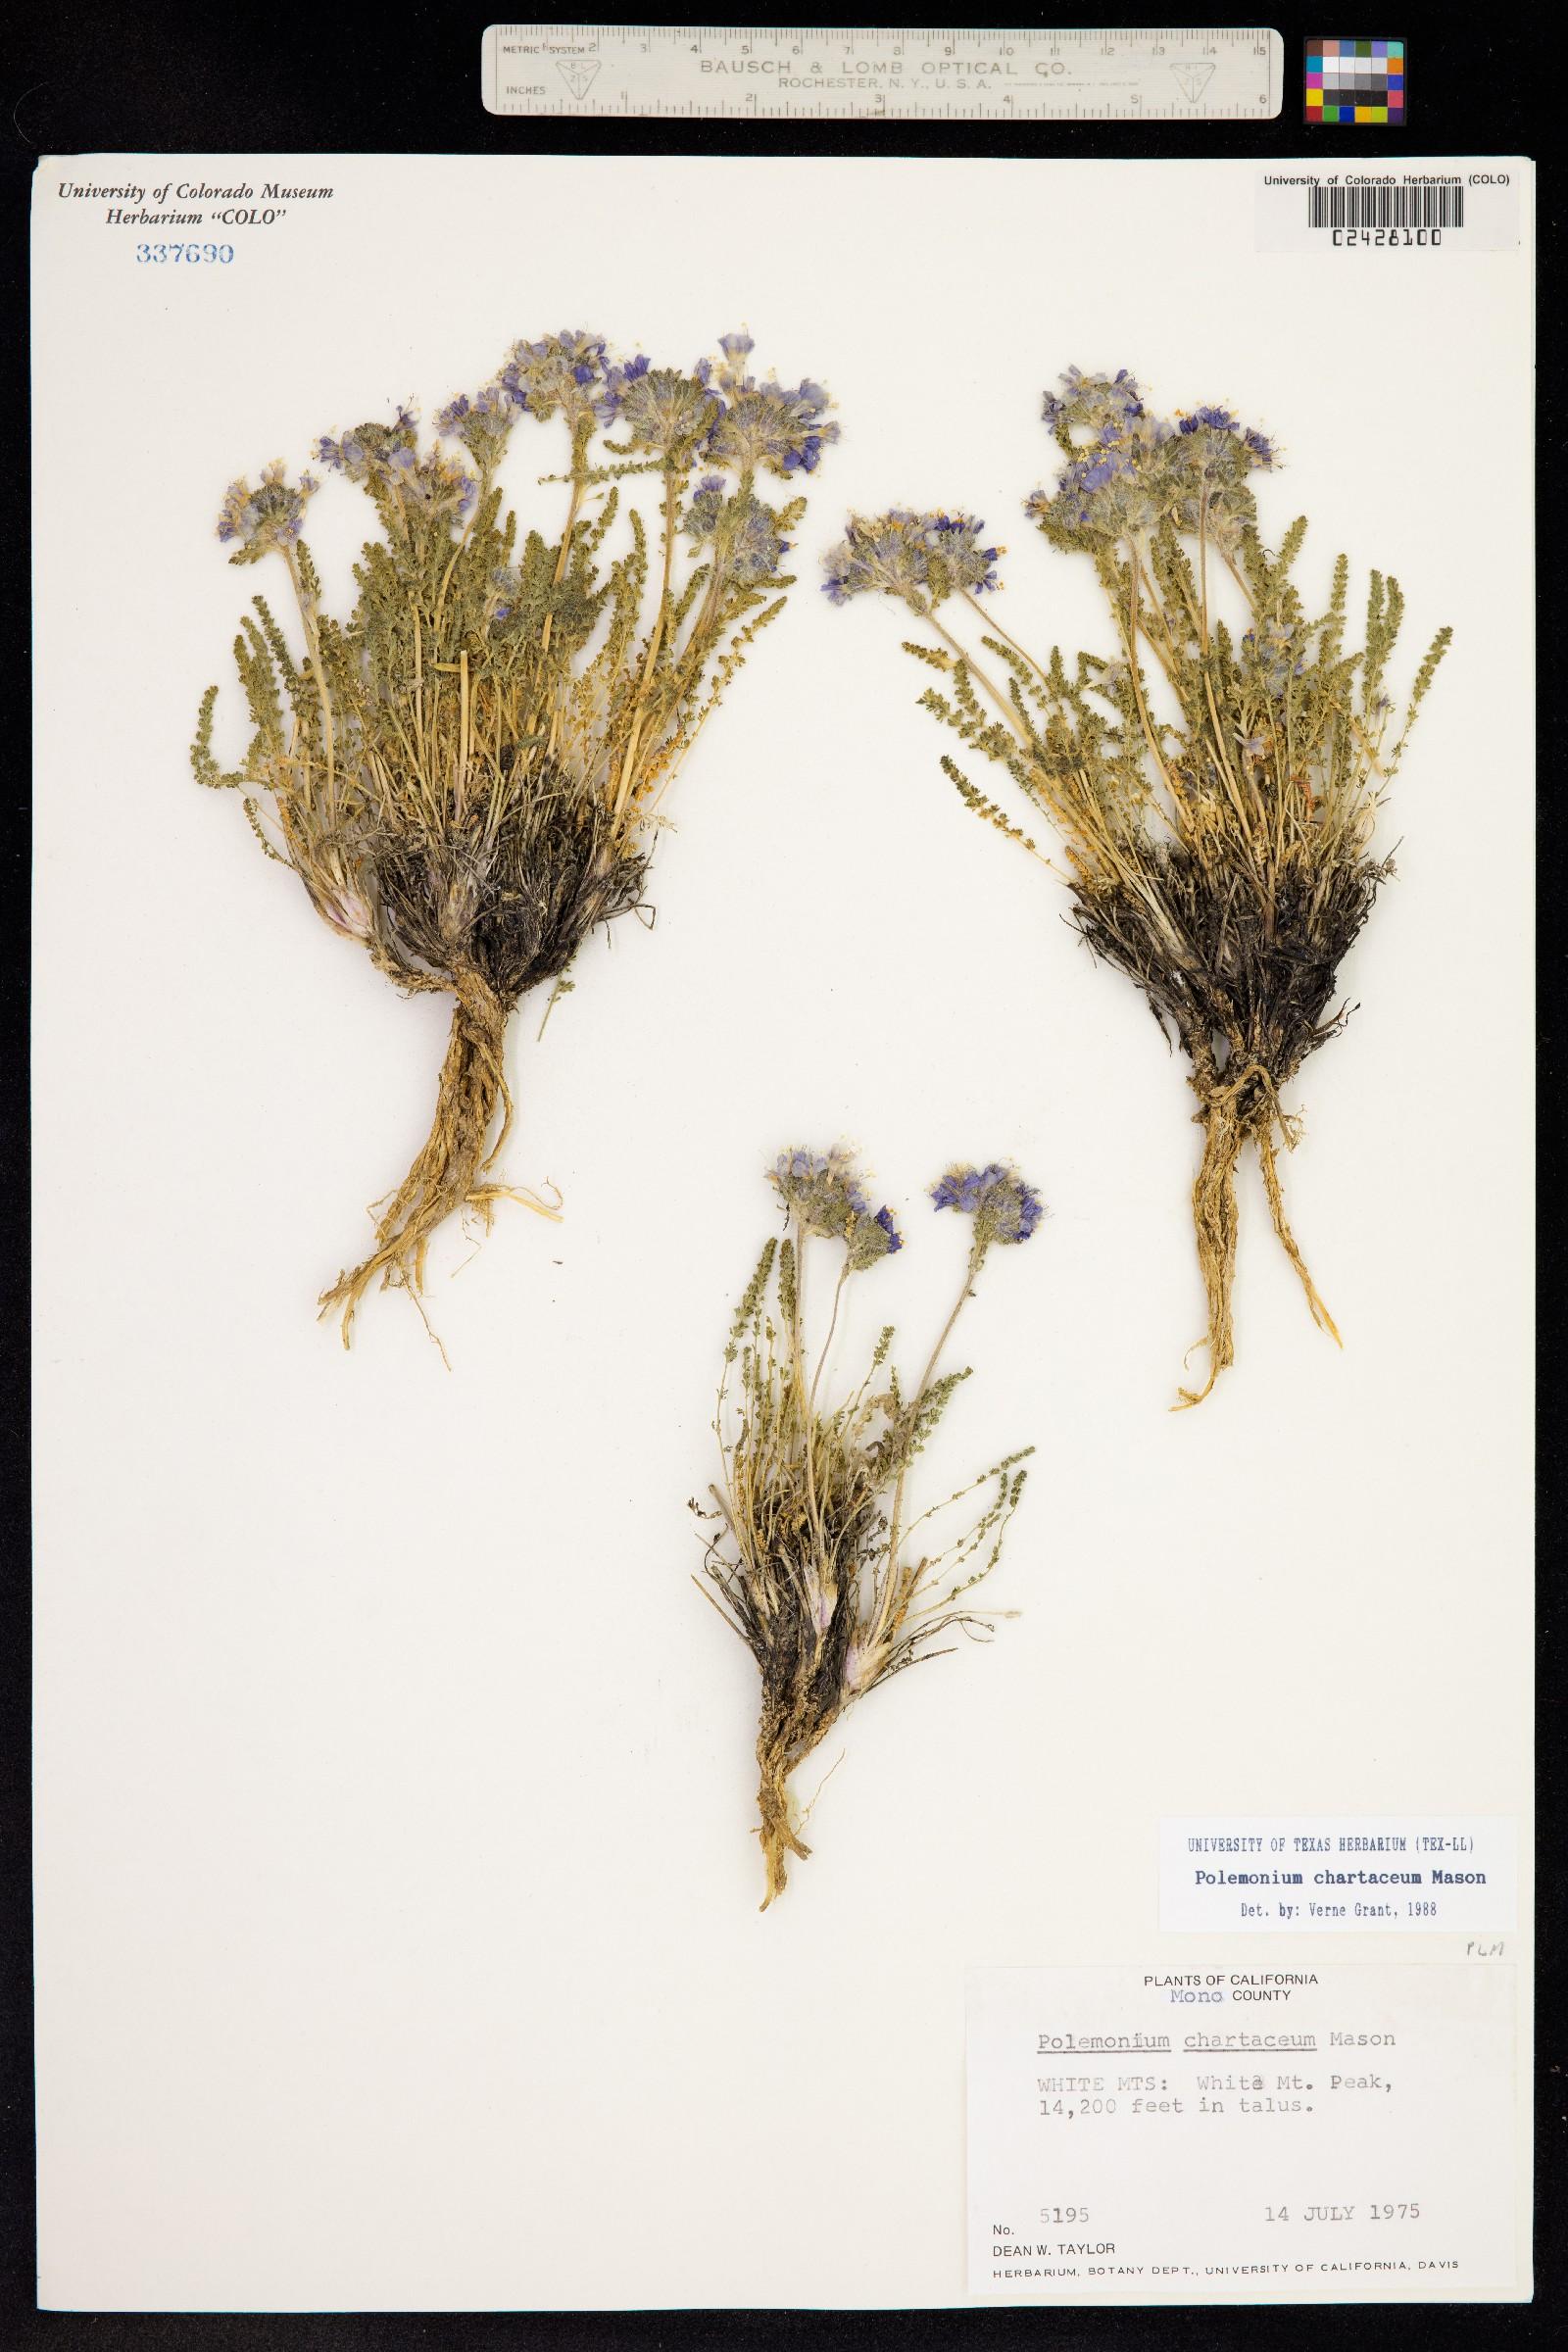 Polemonium chartaceum image